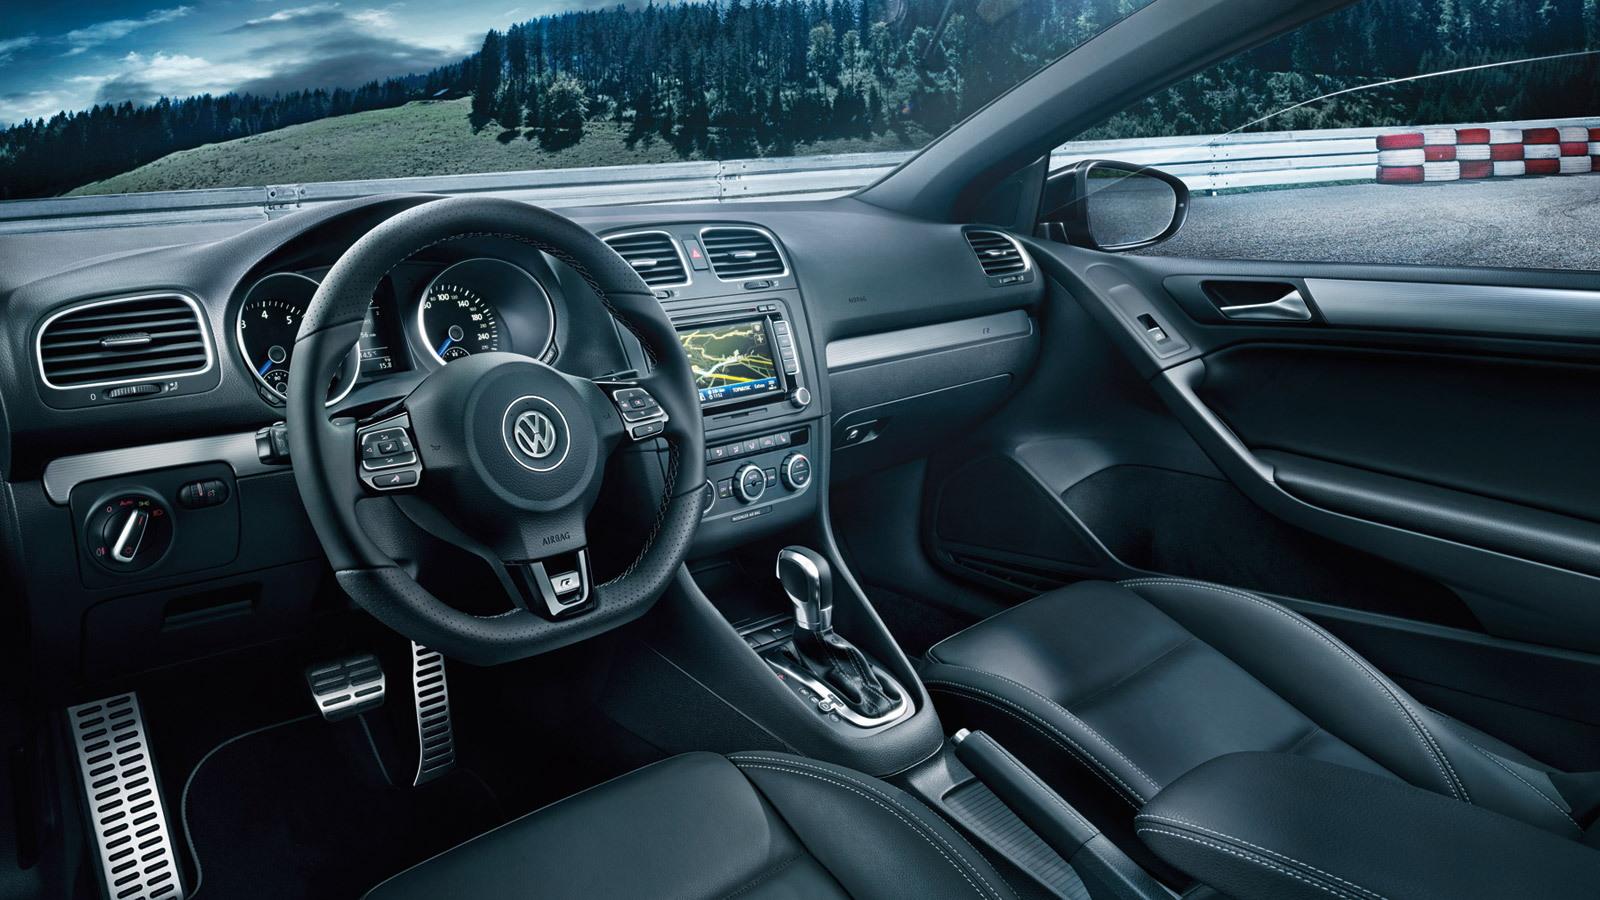 2013 Volkswagen Golf R Cabriolet